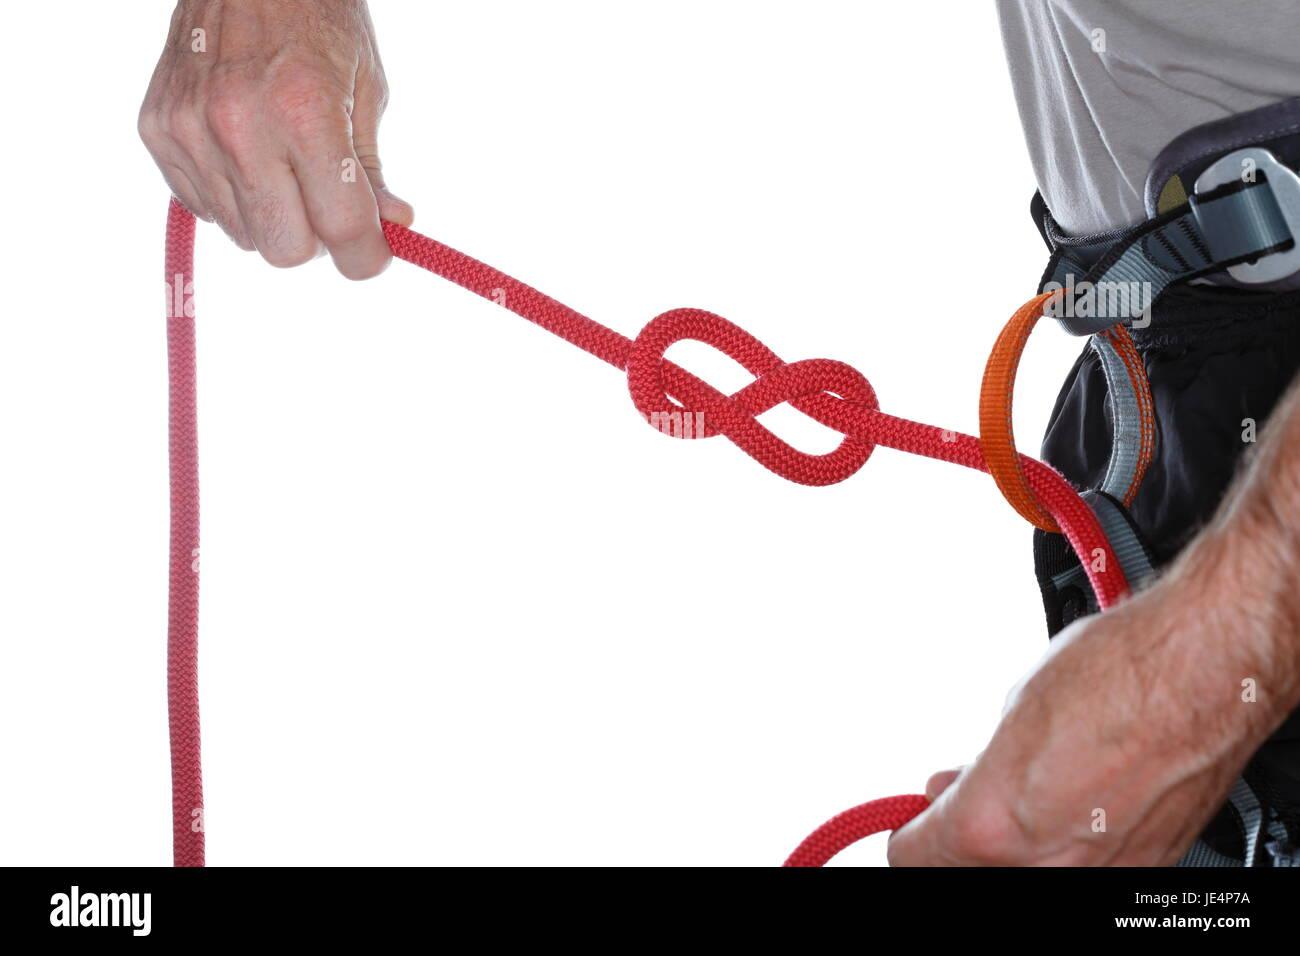 Klettergurt Aus Seil Machen : Klettergurt aus seil machen haltbarkeit und pflege von klettergurten